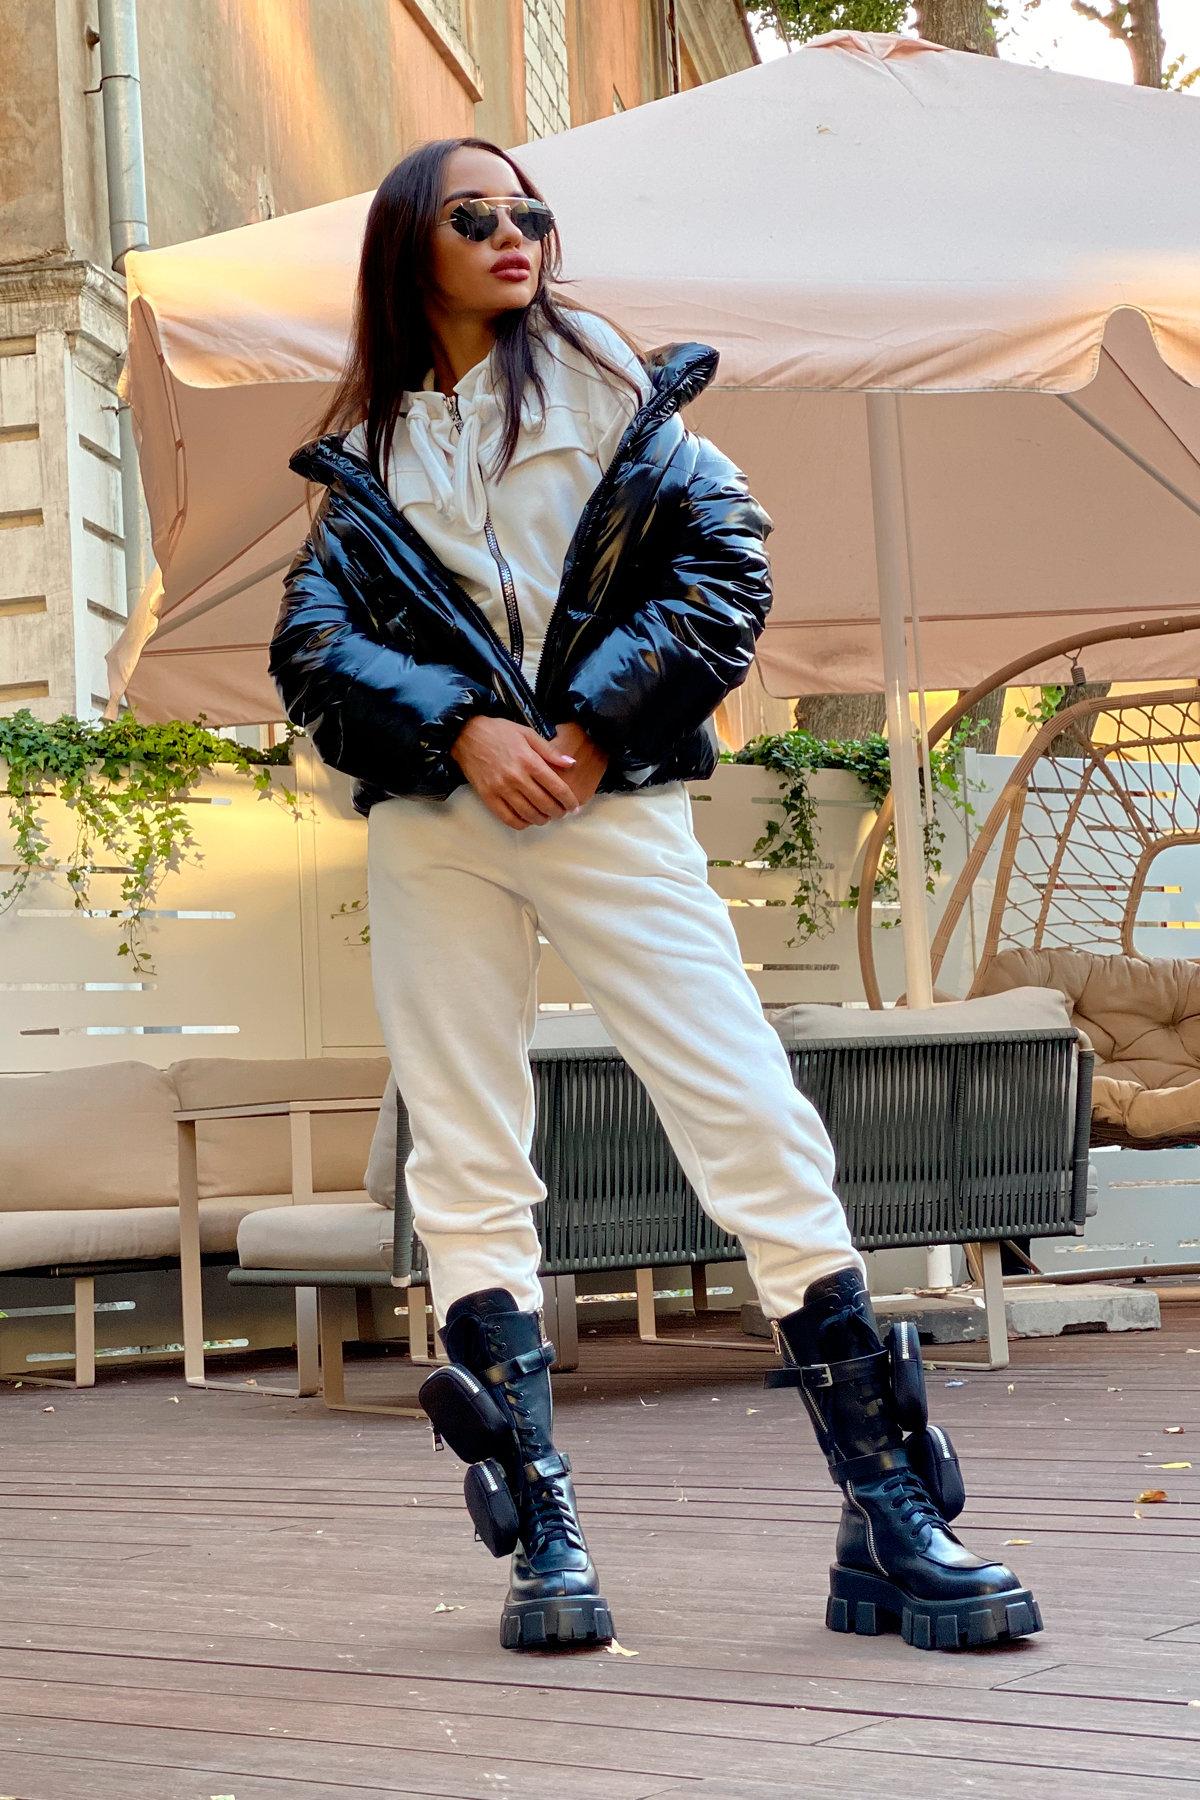 Куртка Драйв 8989 АРТ. 45299 Цвет: Черный - фото 2, интернет магазин tm-modus.ru